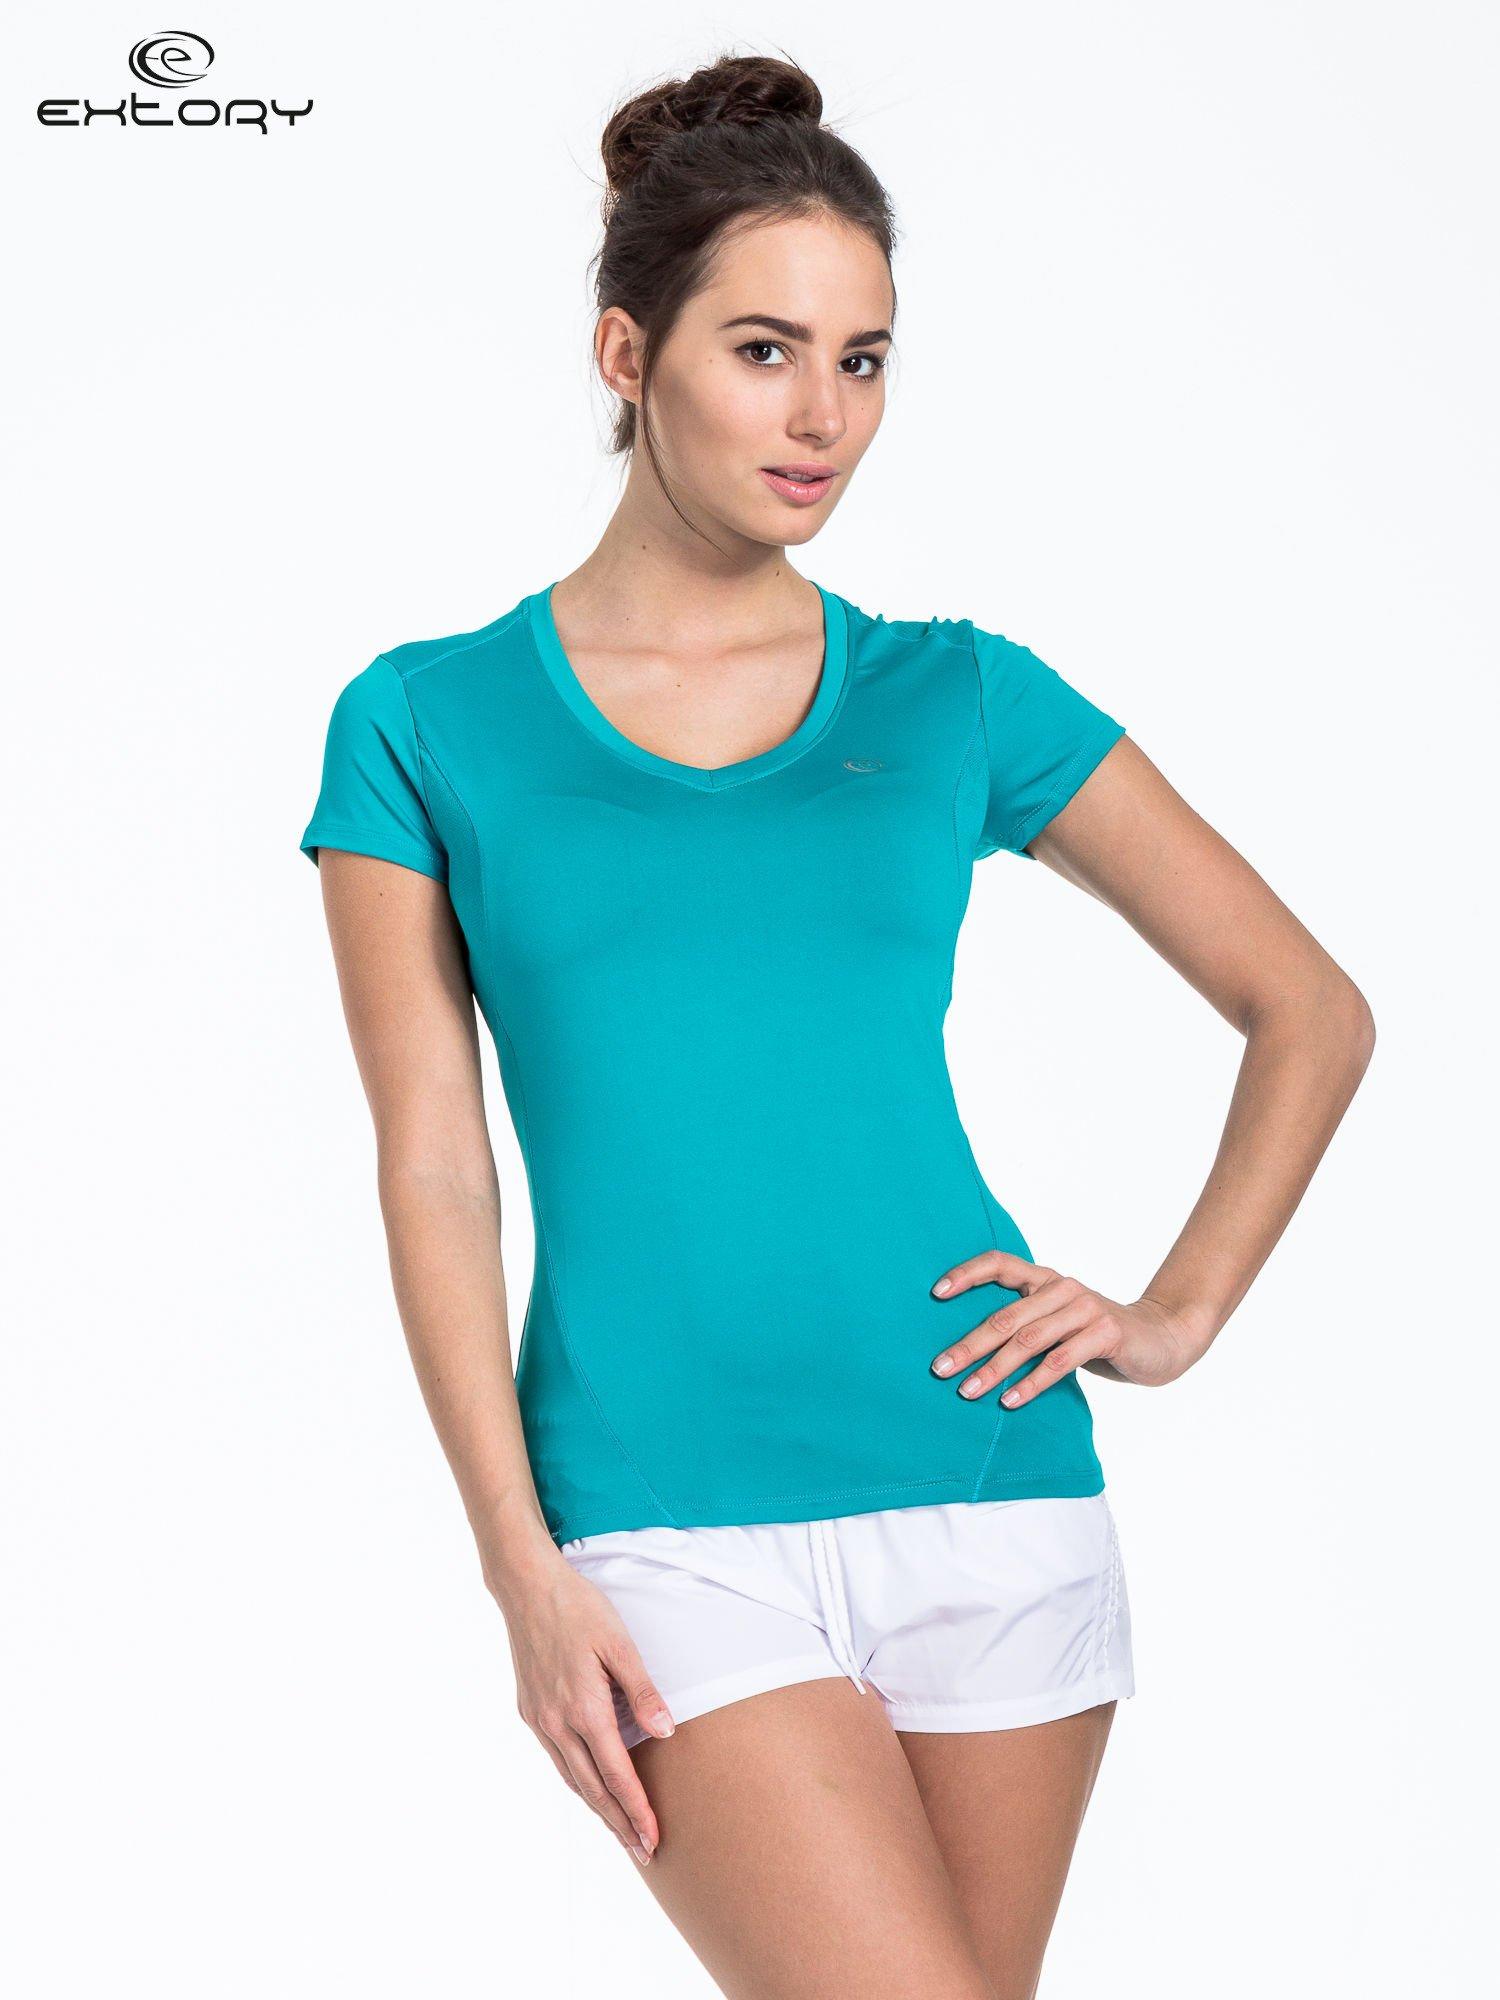 Turkusowy t-shirt sportowy termoaktywny                                  zdj.                                  1